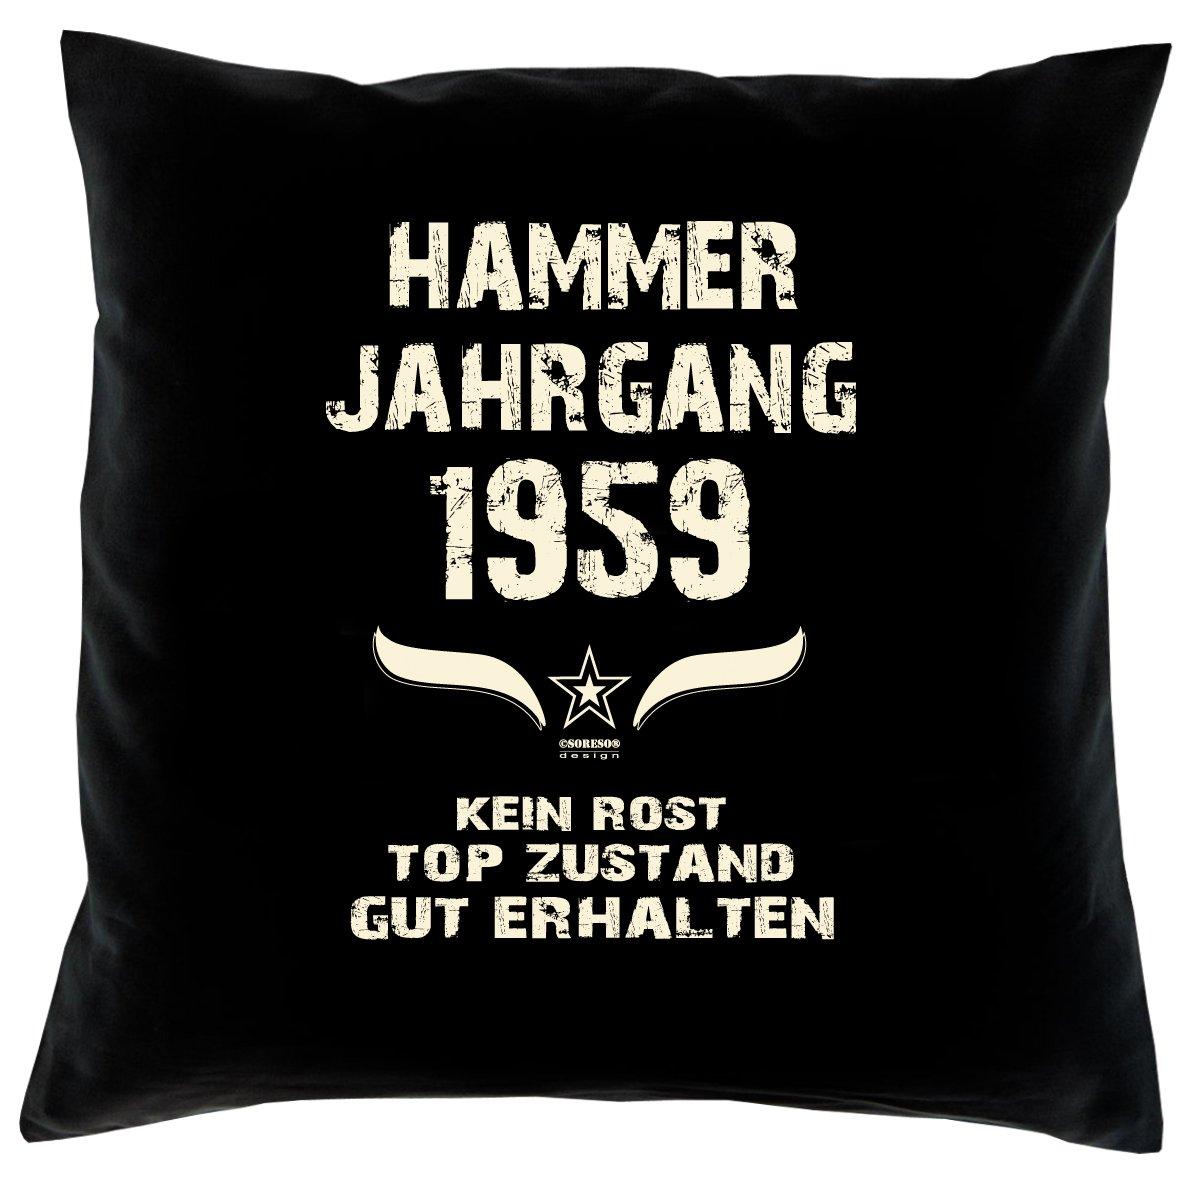 Cooles – Fun – Kissen – Sitzkissen – Zum 57. Geburtstag – Hammer Jahrgang 1959 Farbe: Schwarz – Größe: 40 x 40 cm jetzt kaufen